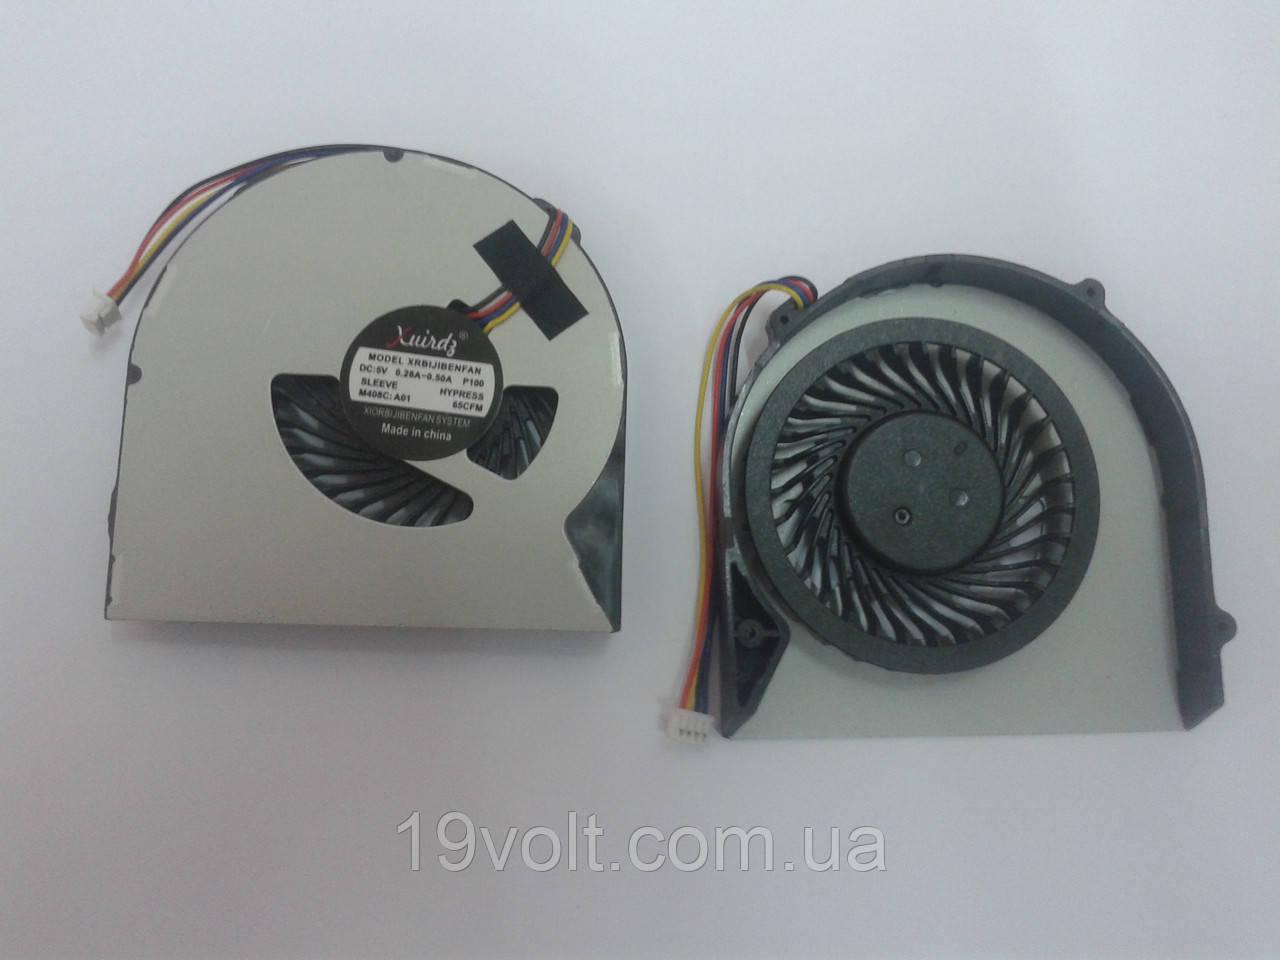 Кулер вентилятор Lenovo Ideapad G480 G480A G480M G485 G580 G585, 4-pin